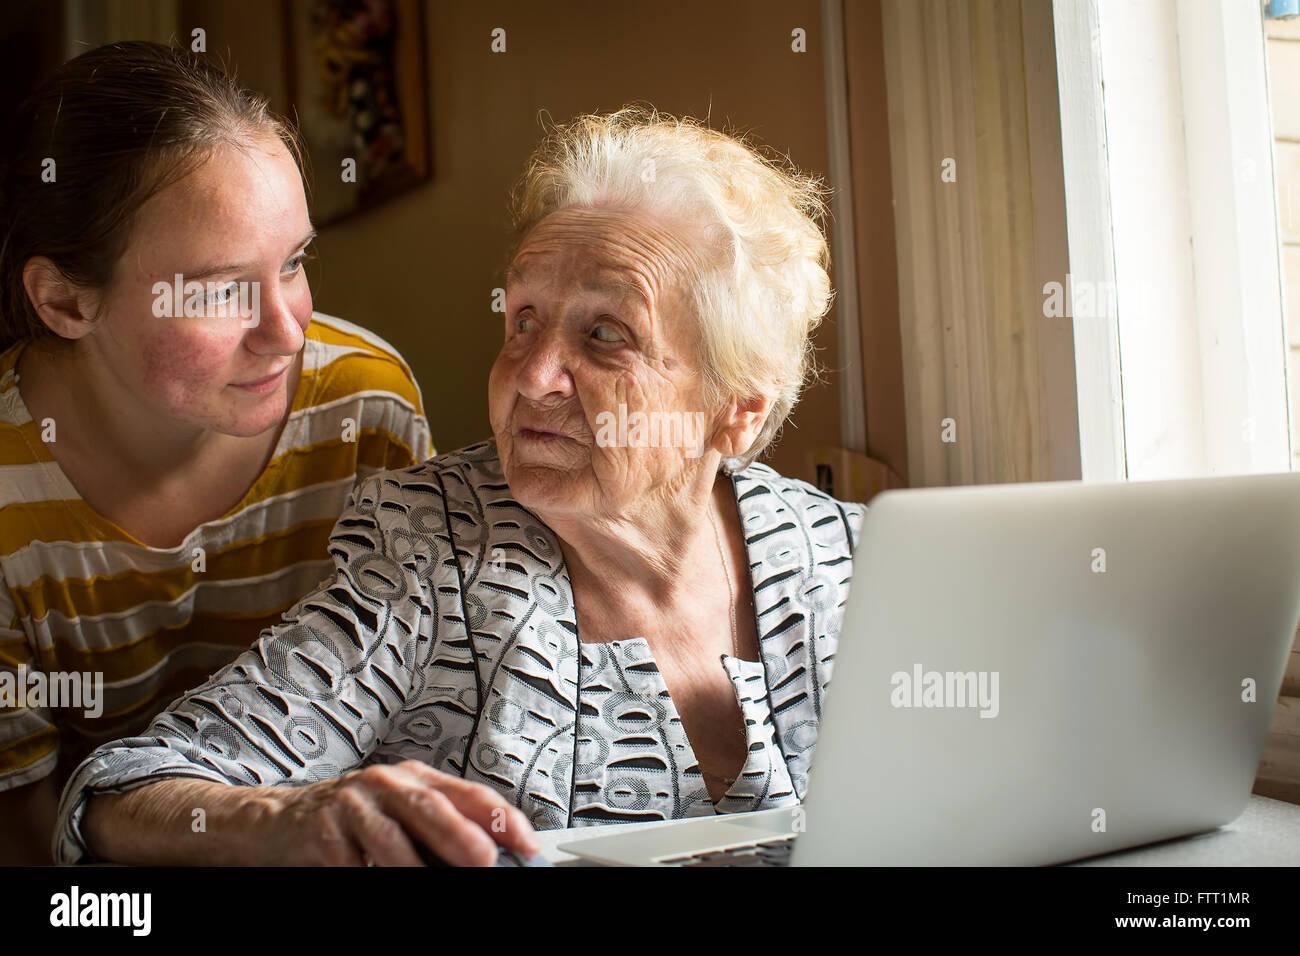 Jeune fille de sa grand-mère apprend à utiliser un ordinateur. Photo Stock